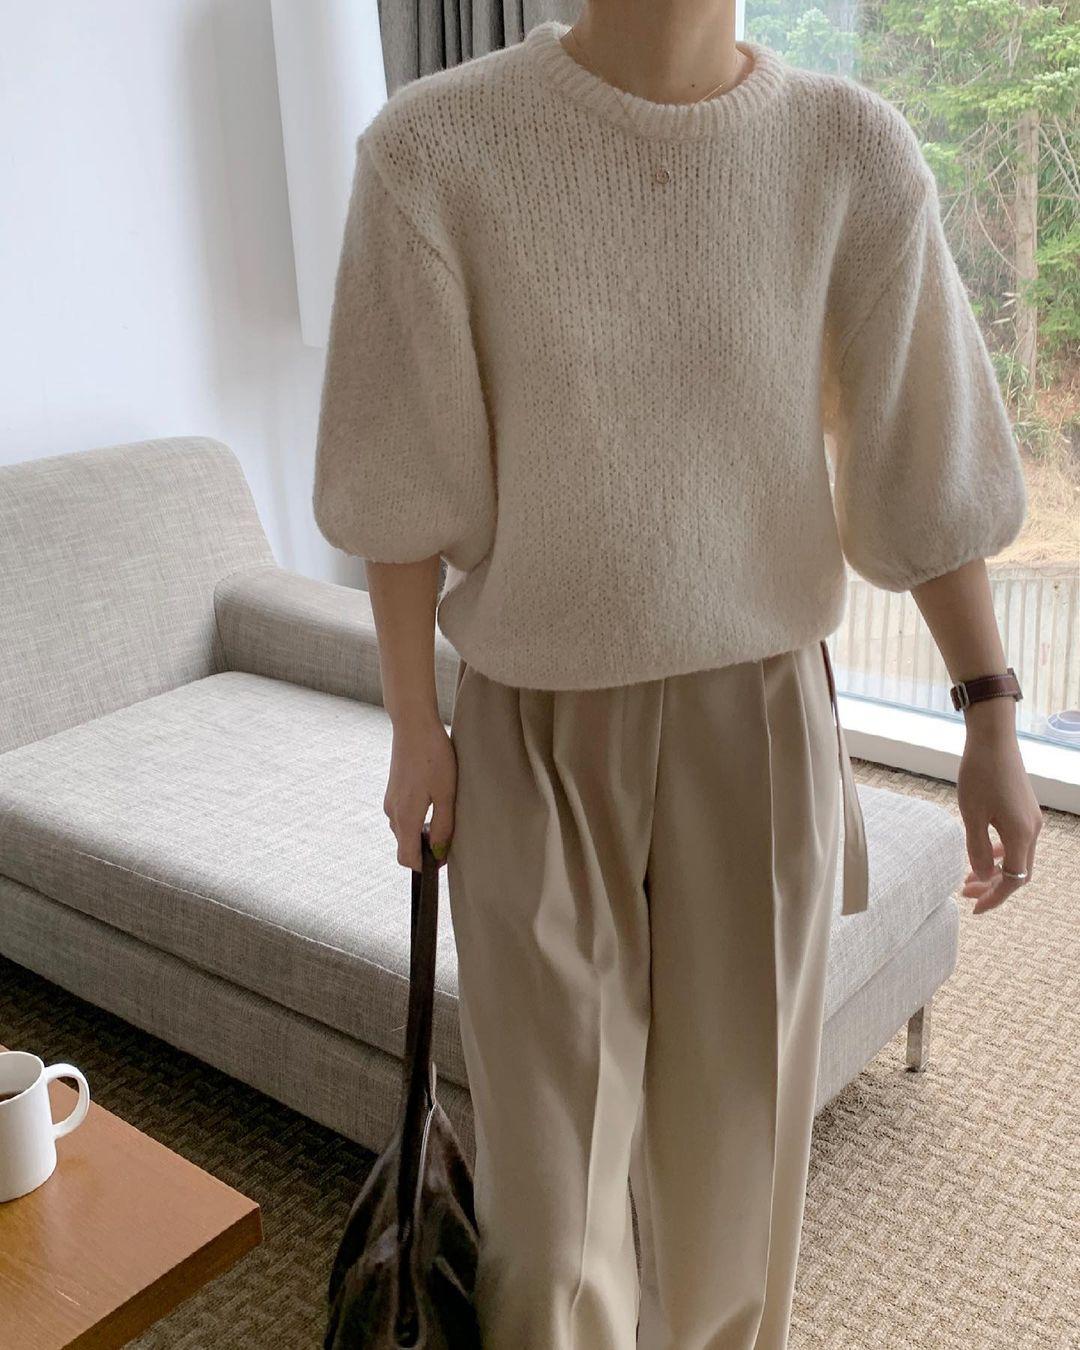 5 mẫu quần nhẹ mát đang được diện nhiều nhất lúc này: Bạn sắm hết là vô cùng sáng suốt - Ảnh 12